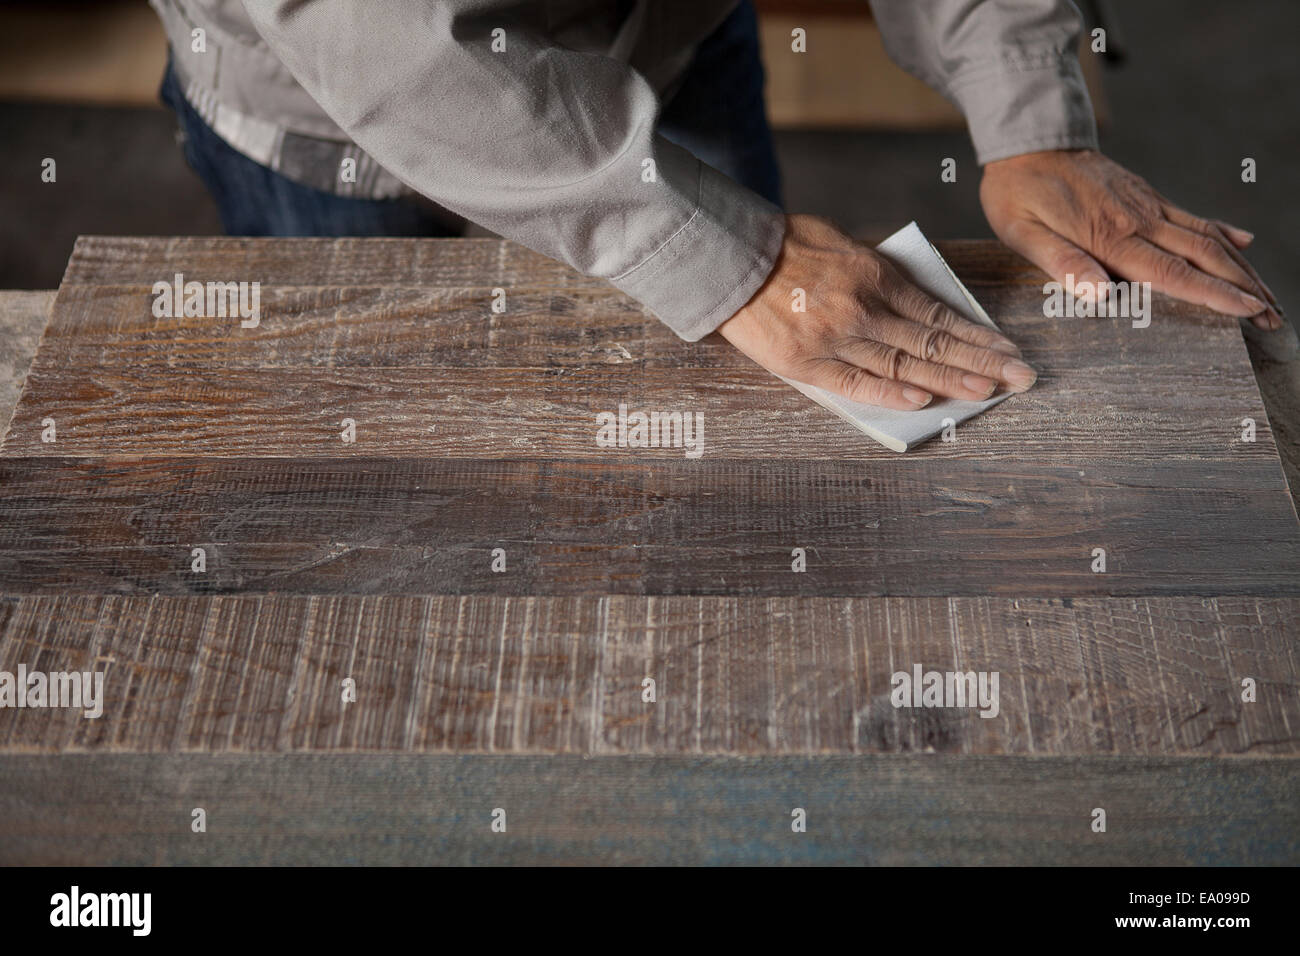 Lissage de surface charpentier la planche en bois avec du papier de verre en usine, Jiangsu, Chine Banque D'Images